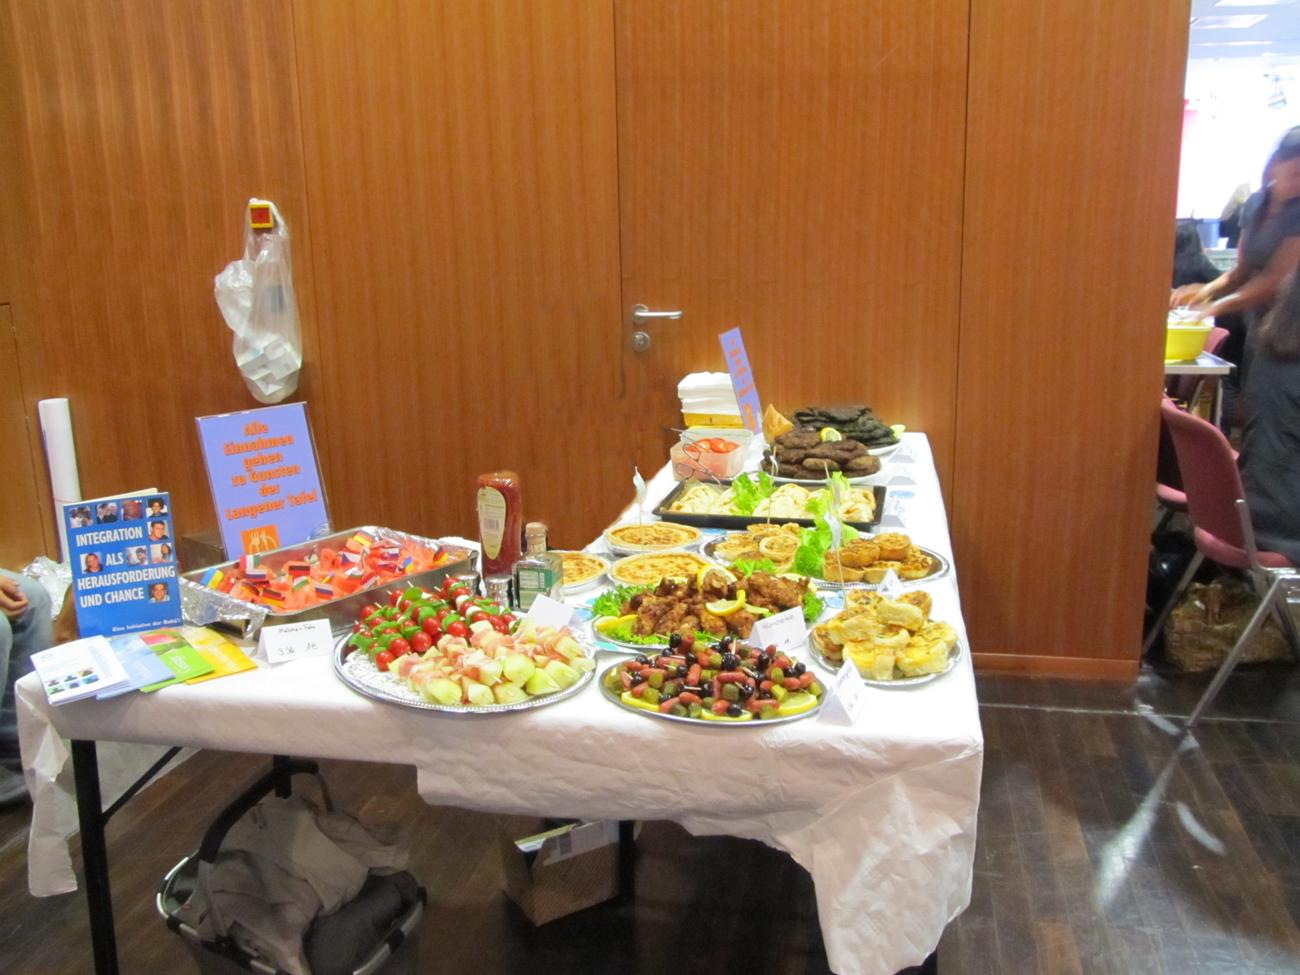 Verkauf von Speisen beim Interkulturellen Tag zugunsen der Langener Tafel